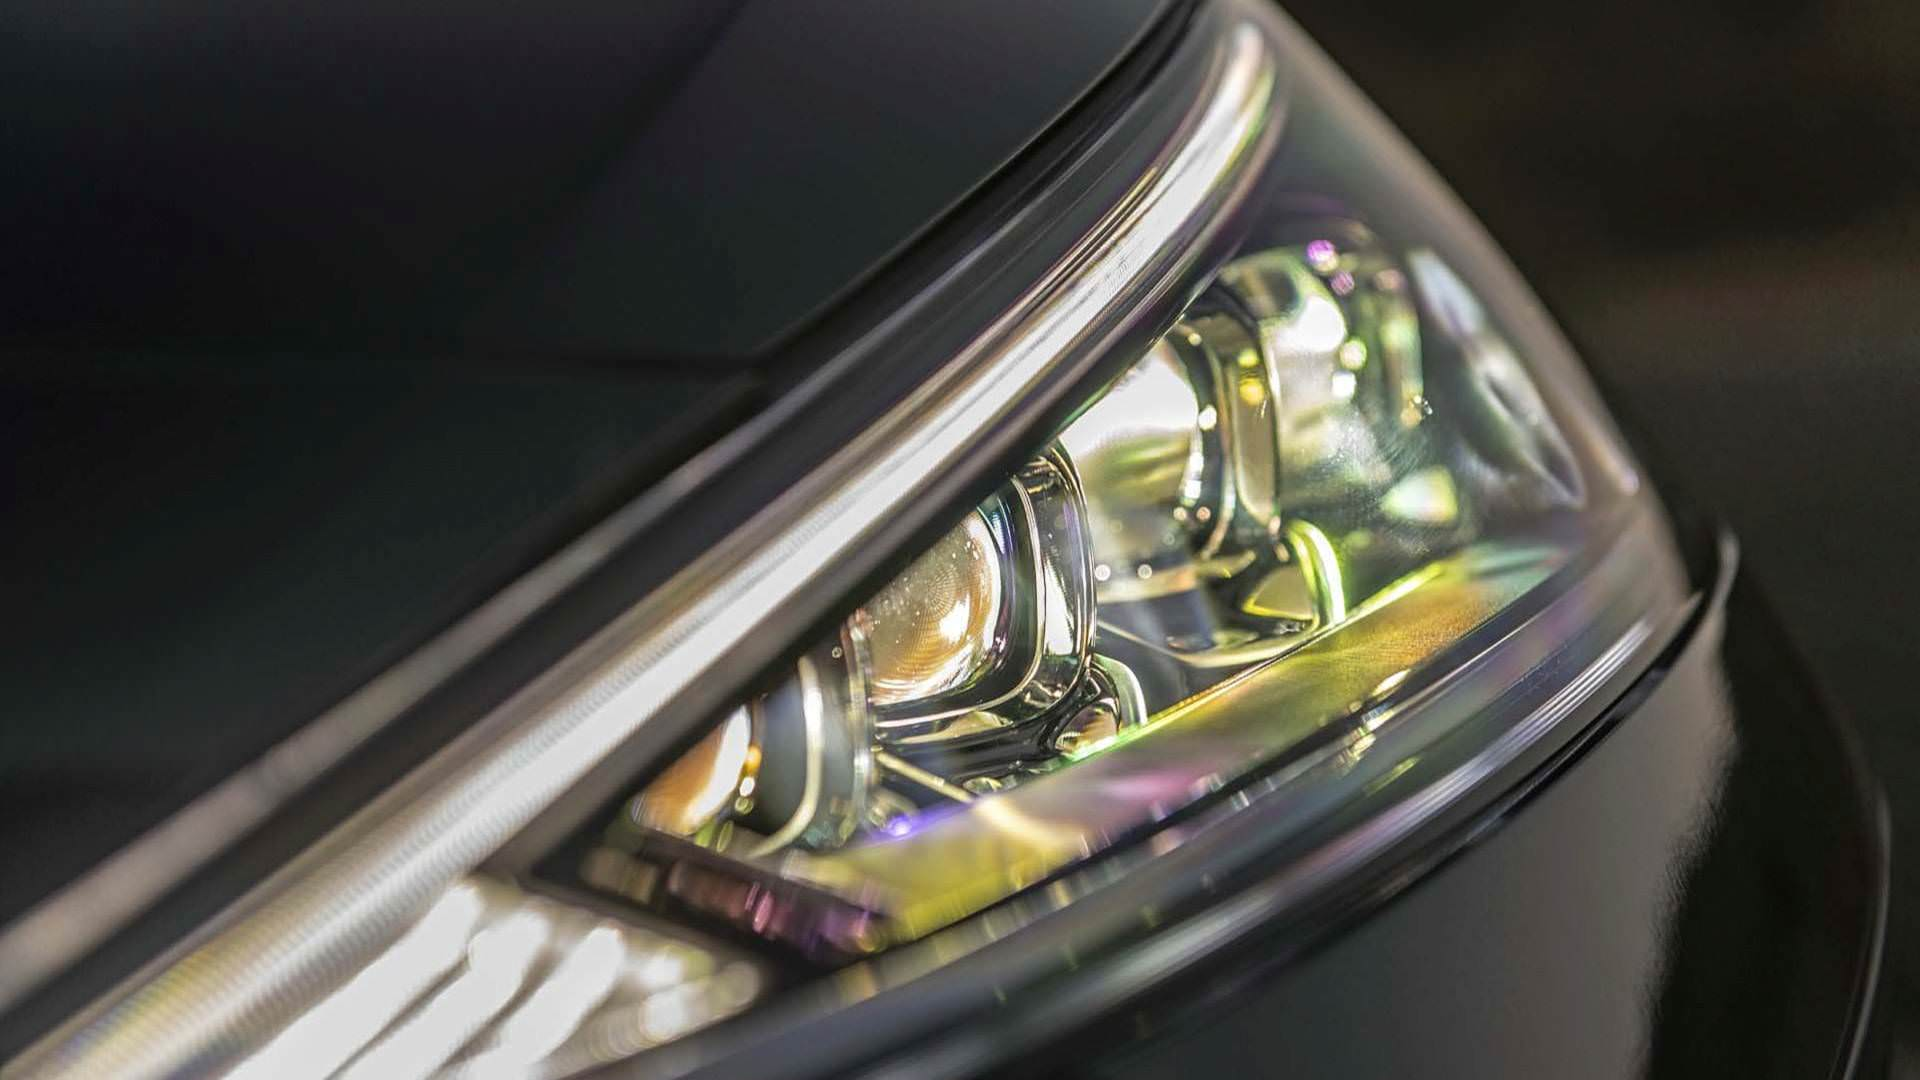 2019 Hyundai Elantra / سدان هیوندای النترا 2019